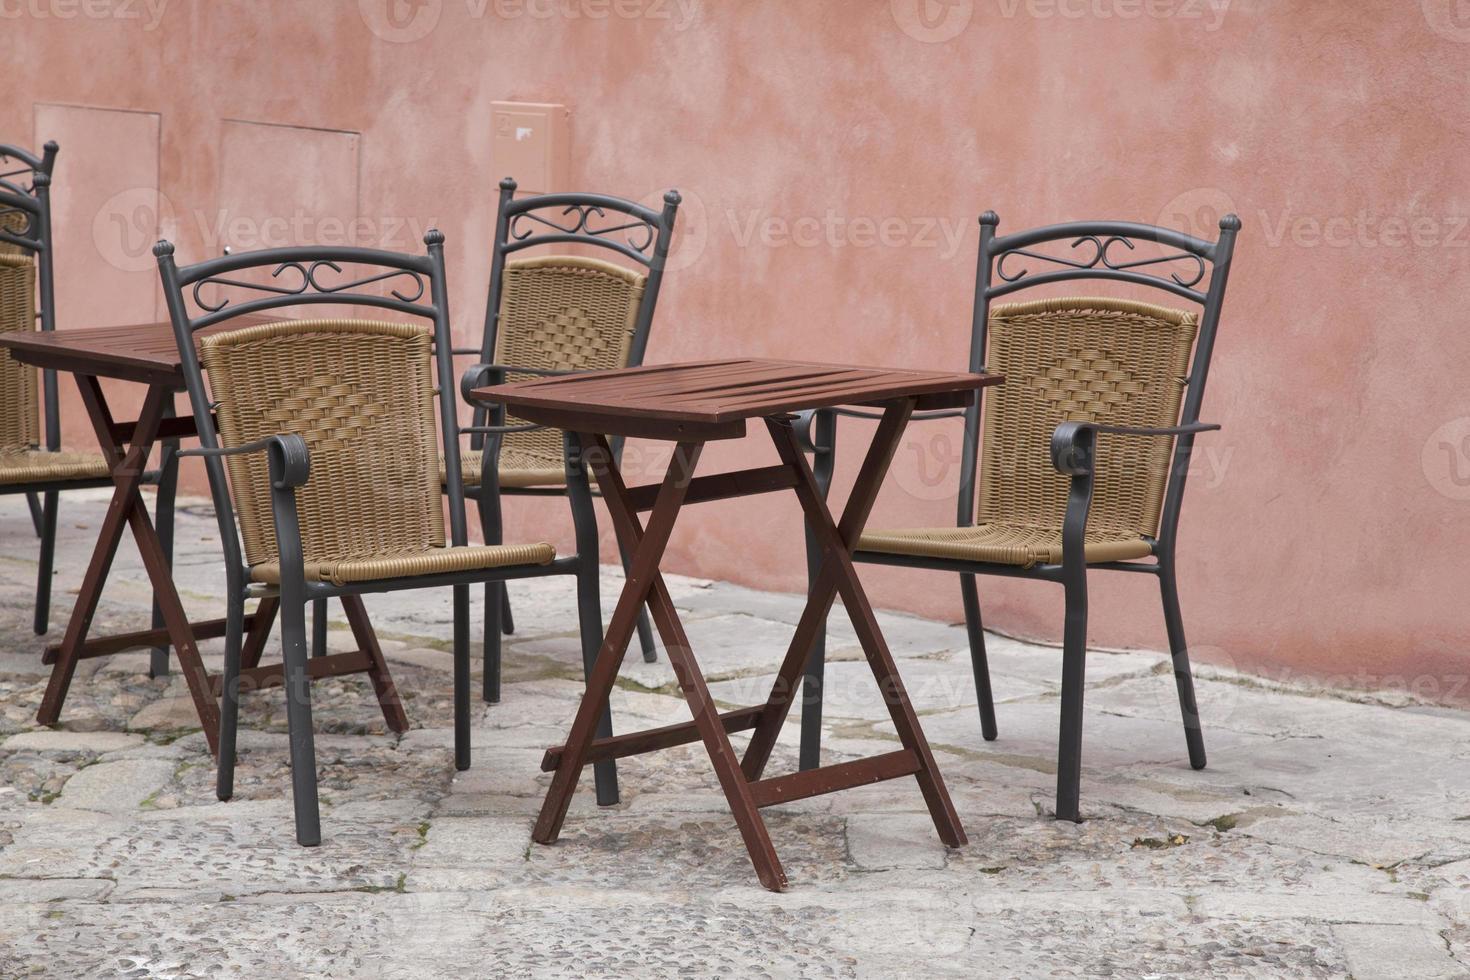 Café Tische und Stühle; Santa Cruz Nachbarschaft; Sevilla foto